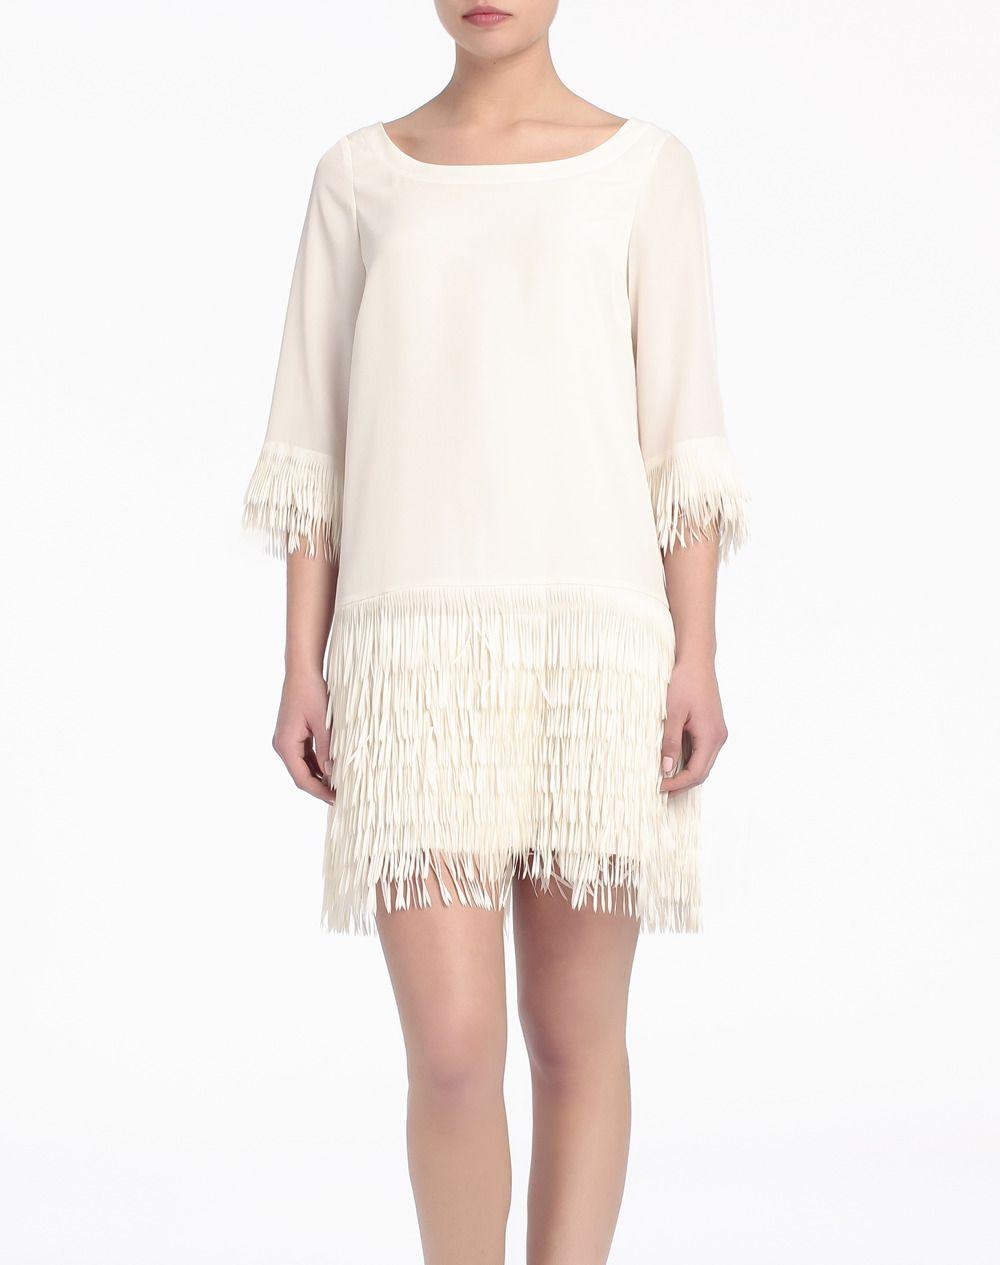 d0b239ad5 Vestido Elogy - Mujer - Moda y complementos - El Corte Inglés ...